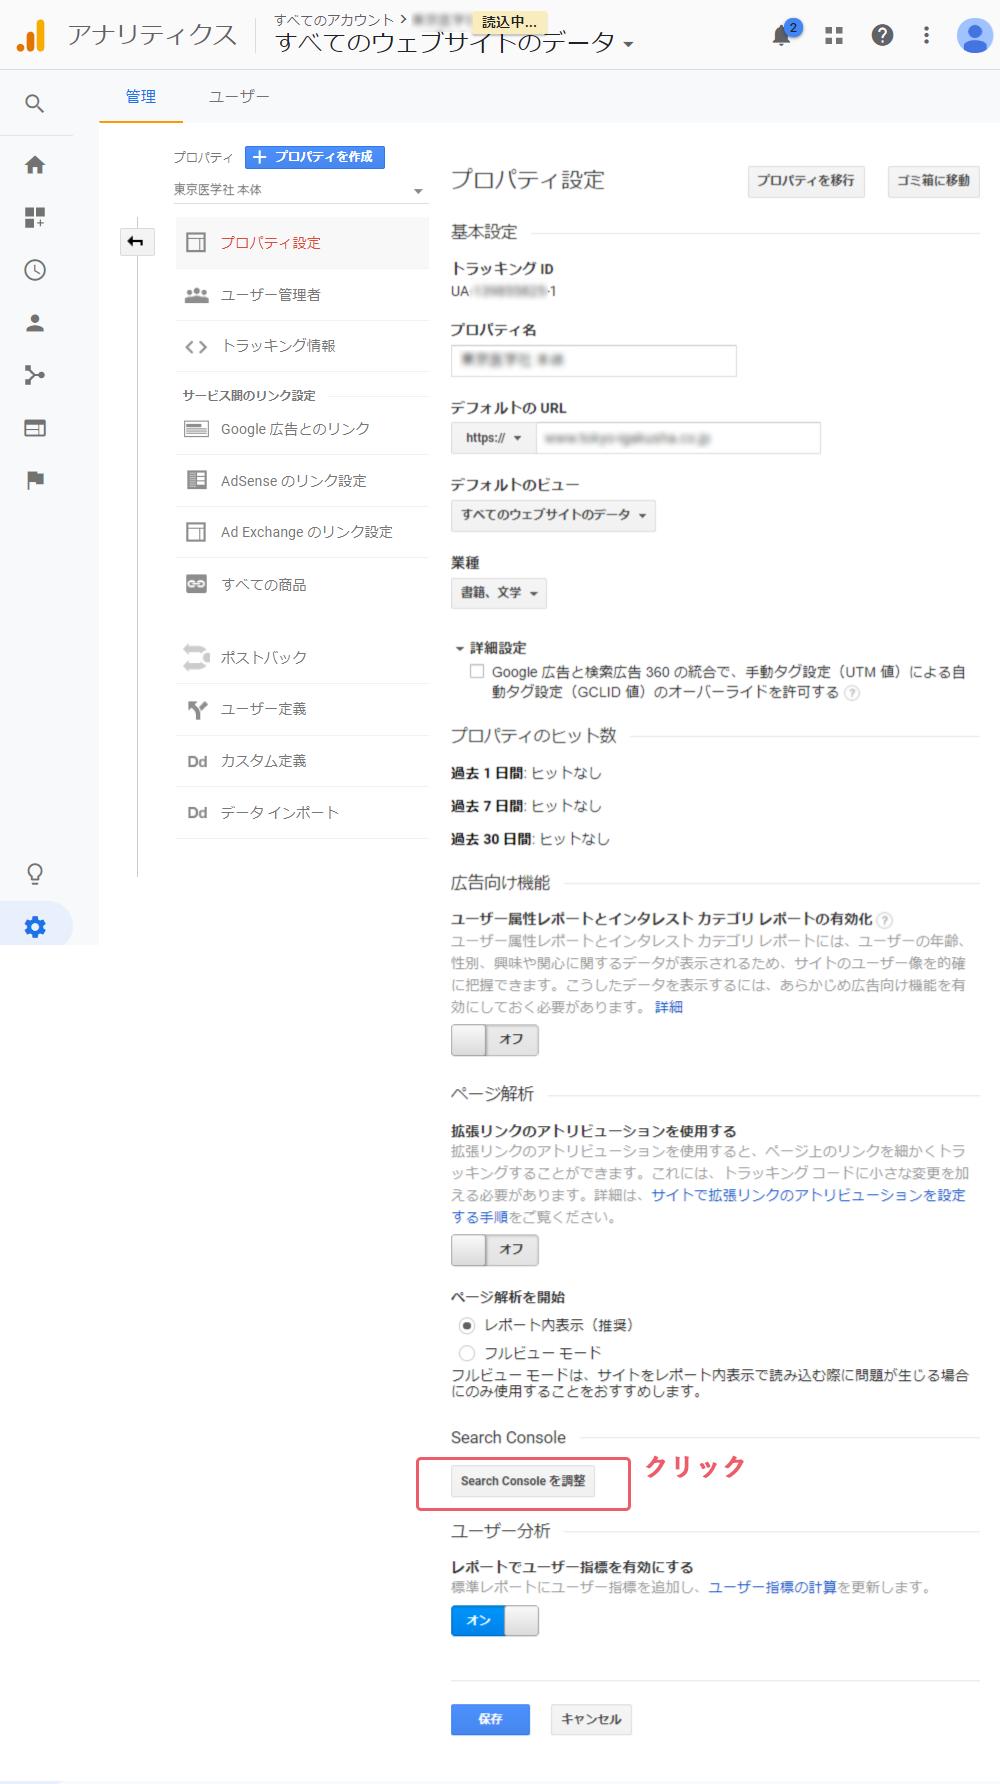 googleanalytics-setting_ga_account23.png